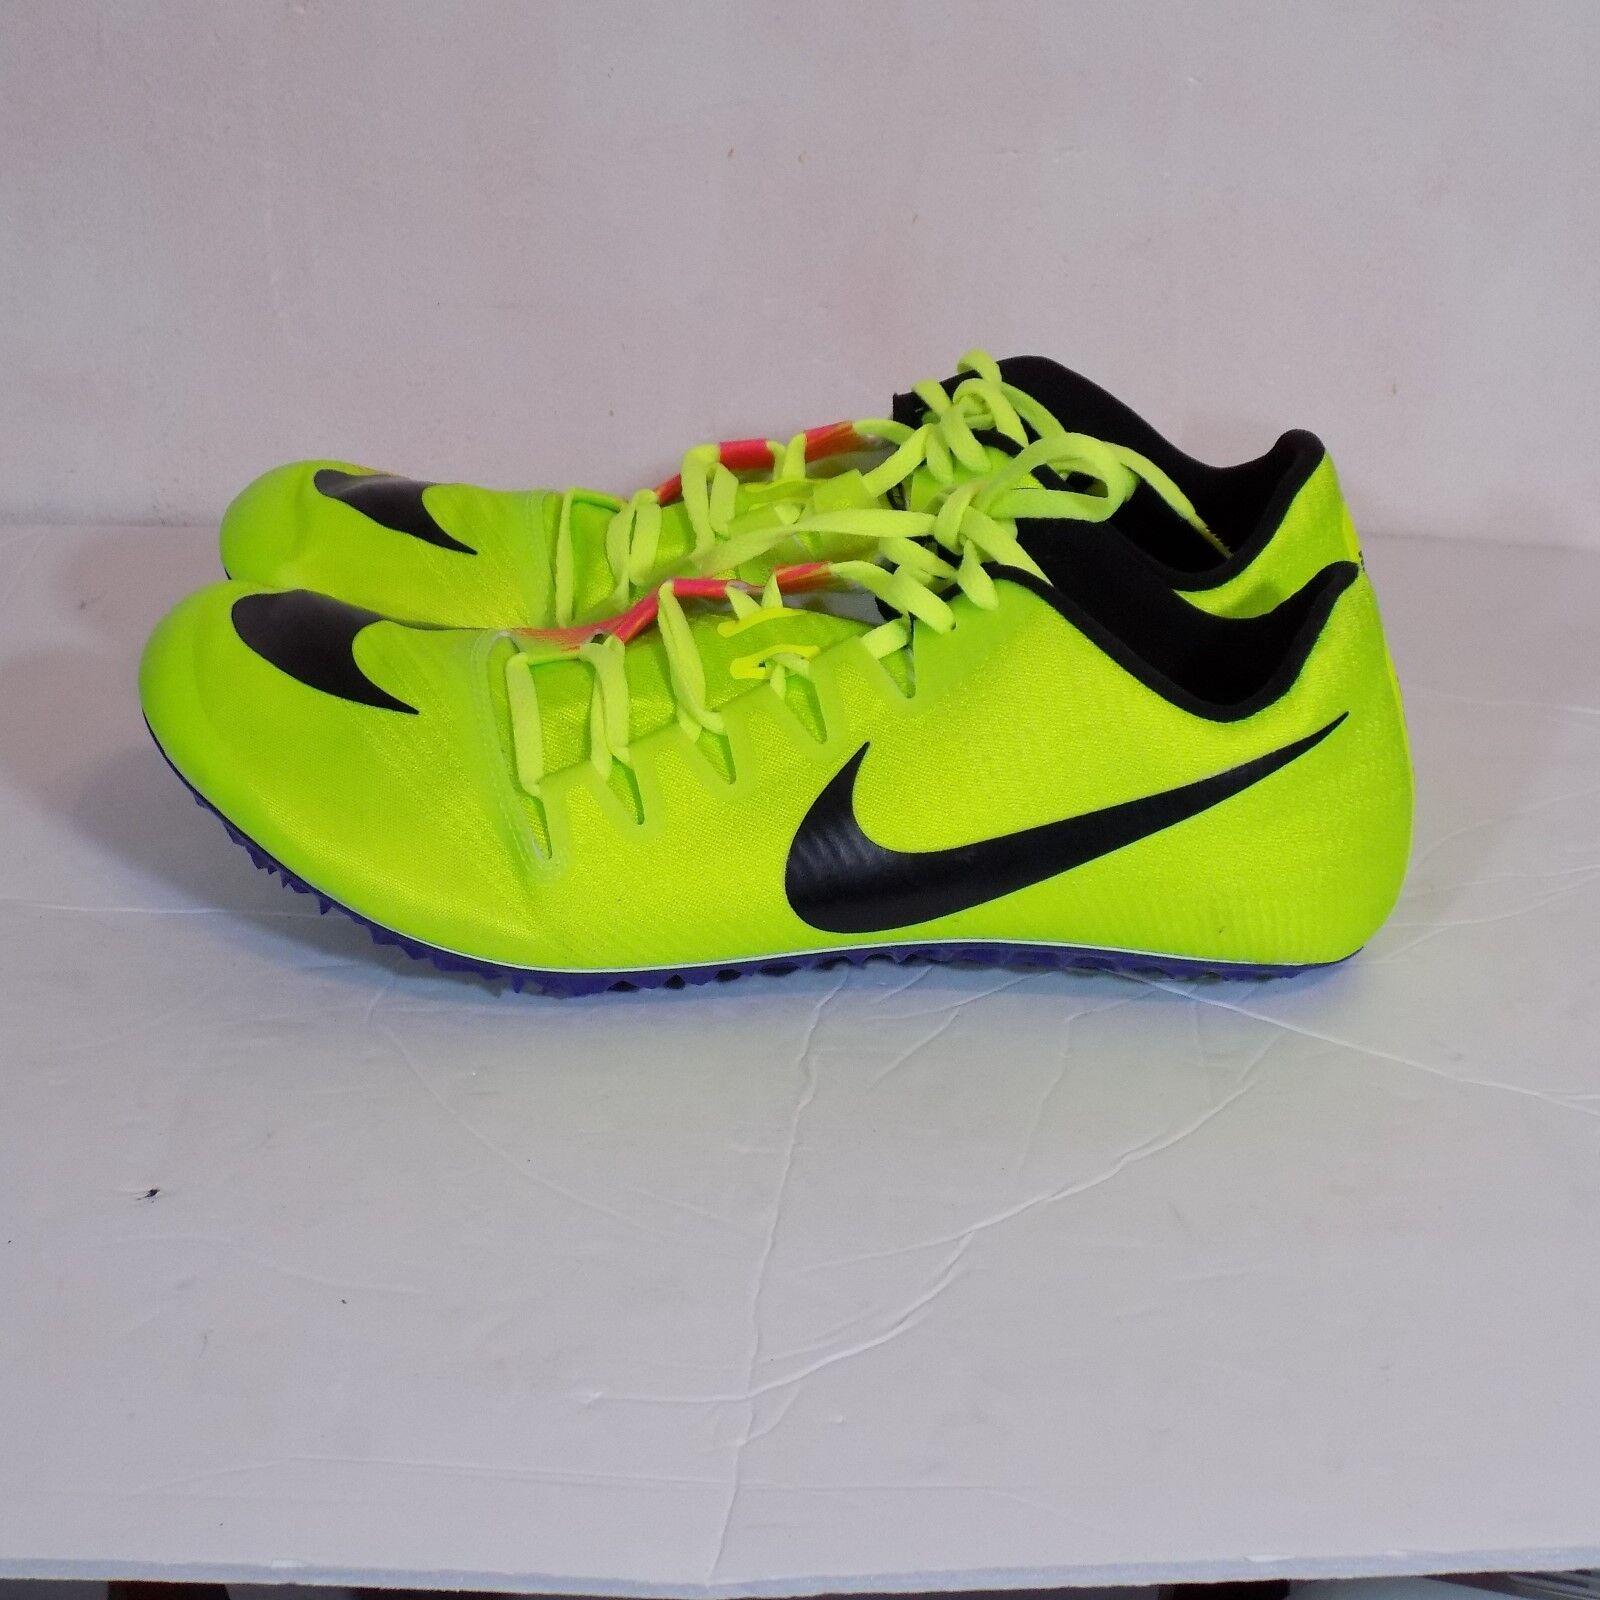 Nike spitzen mens zoom - fliegen, 3. rio leichtathletik - spitzen Nike - volt - 882032-999 keine spikes fc08b6